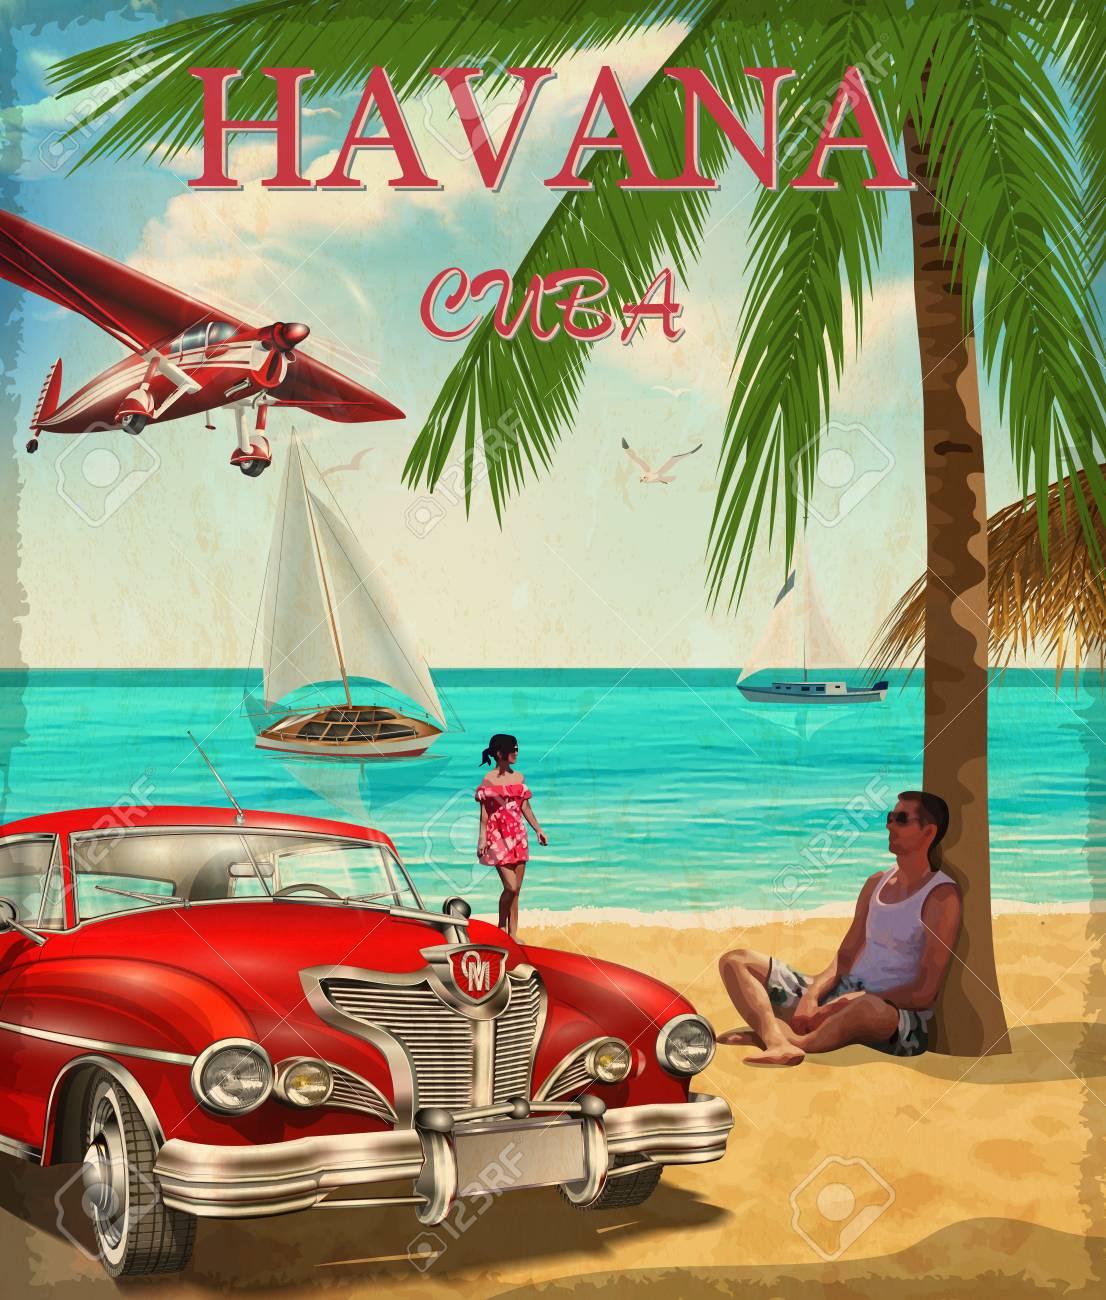 Havana retro poster. - 115903658